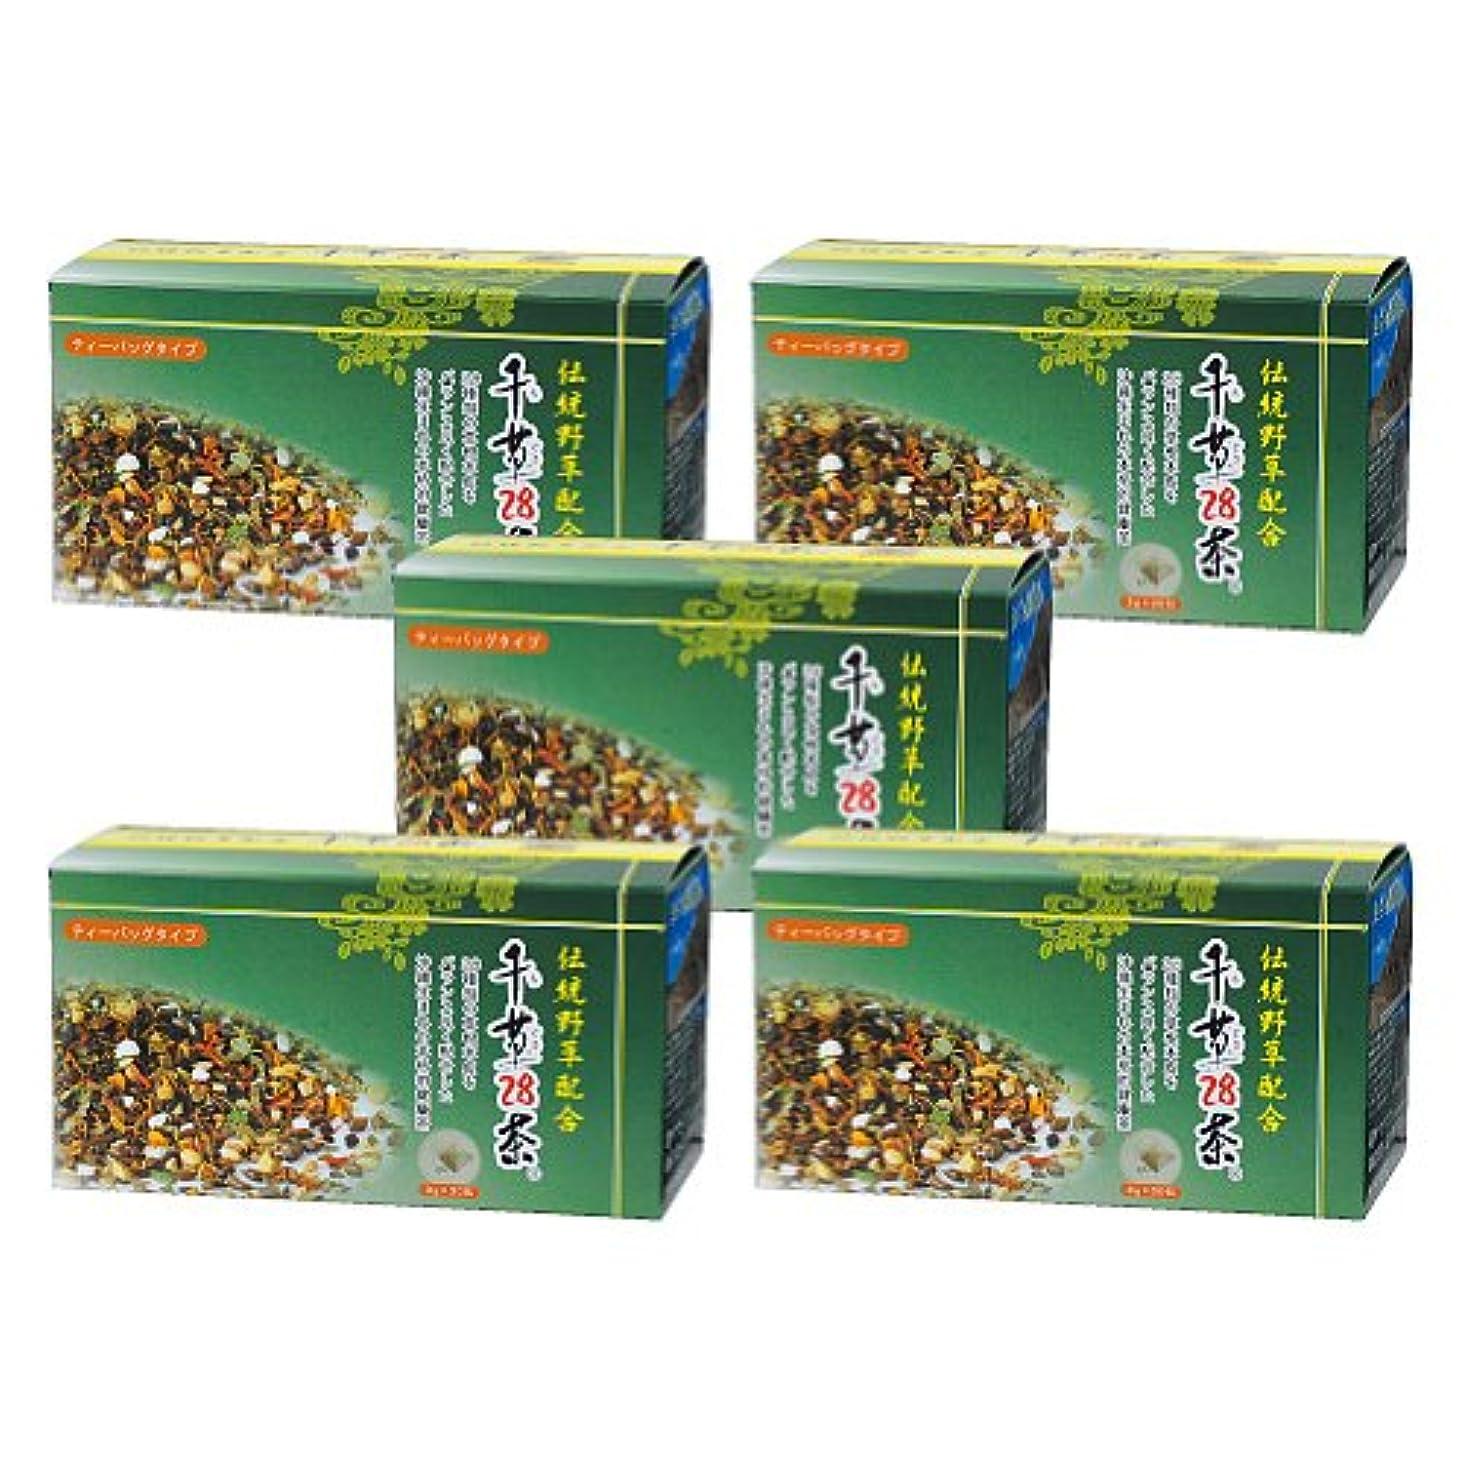 女性所得汚れた千草28茶 ティーバッグタイプ 30包×5個